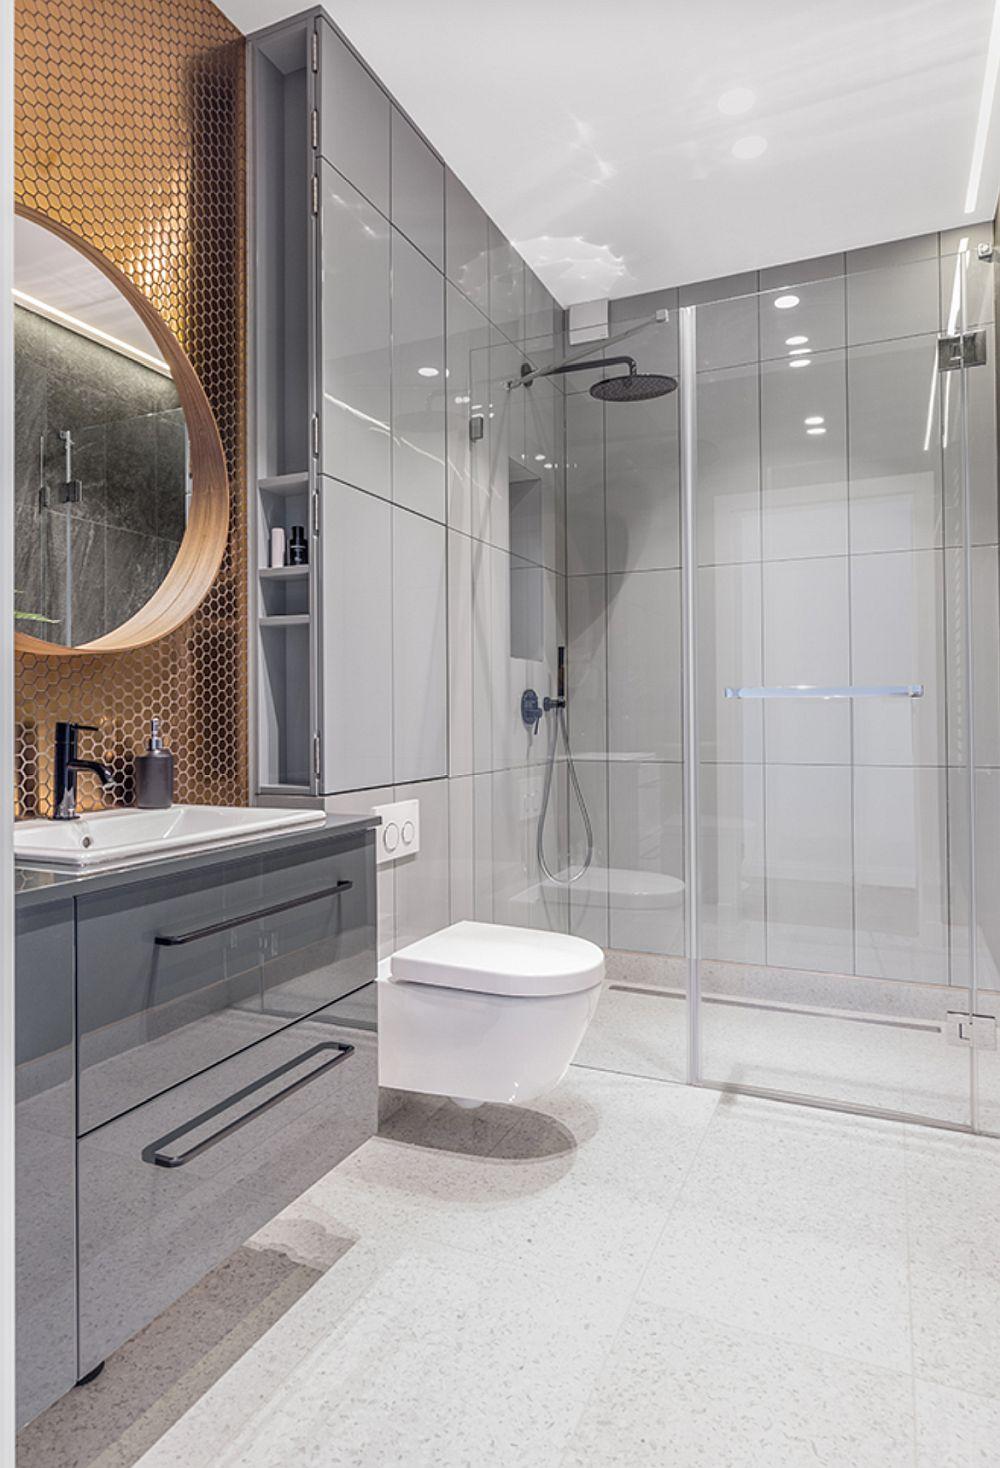 Baia principală este funcțional și minimalist tratată cu duș separat printr-un panou de sticlă și cu rigolă în pardoseală. Plăcile alese pentru pardoseală, deschise ca nuanță dau impresia de spațiu mai mare.